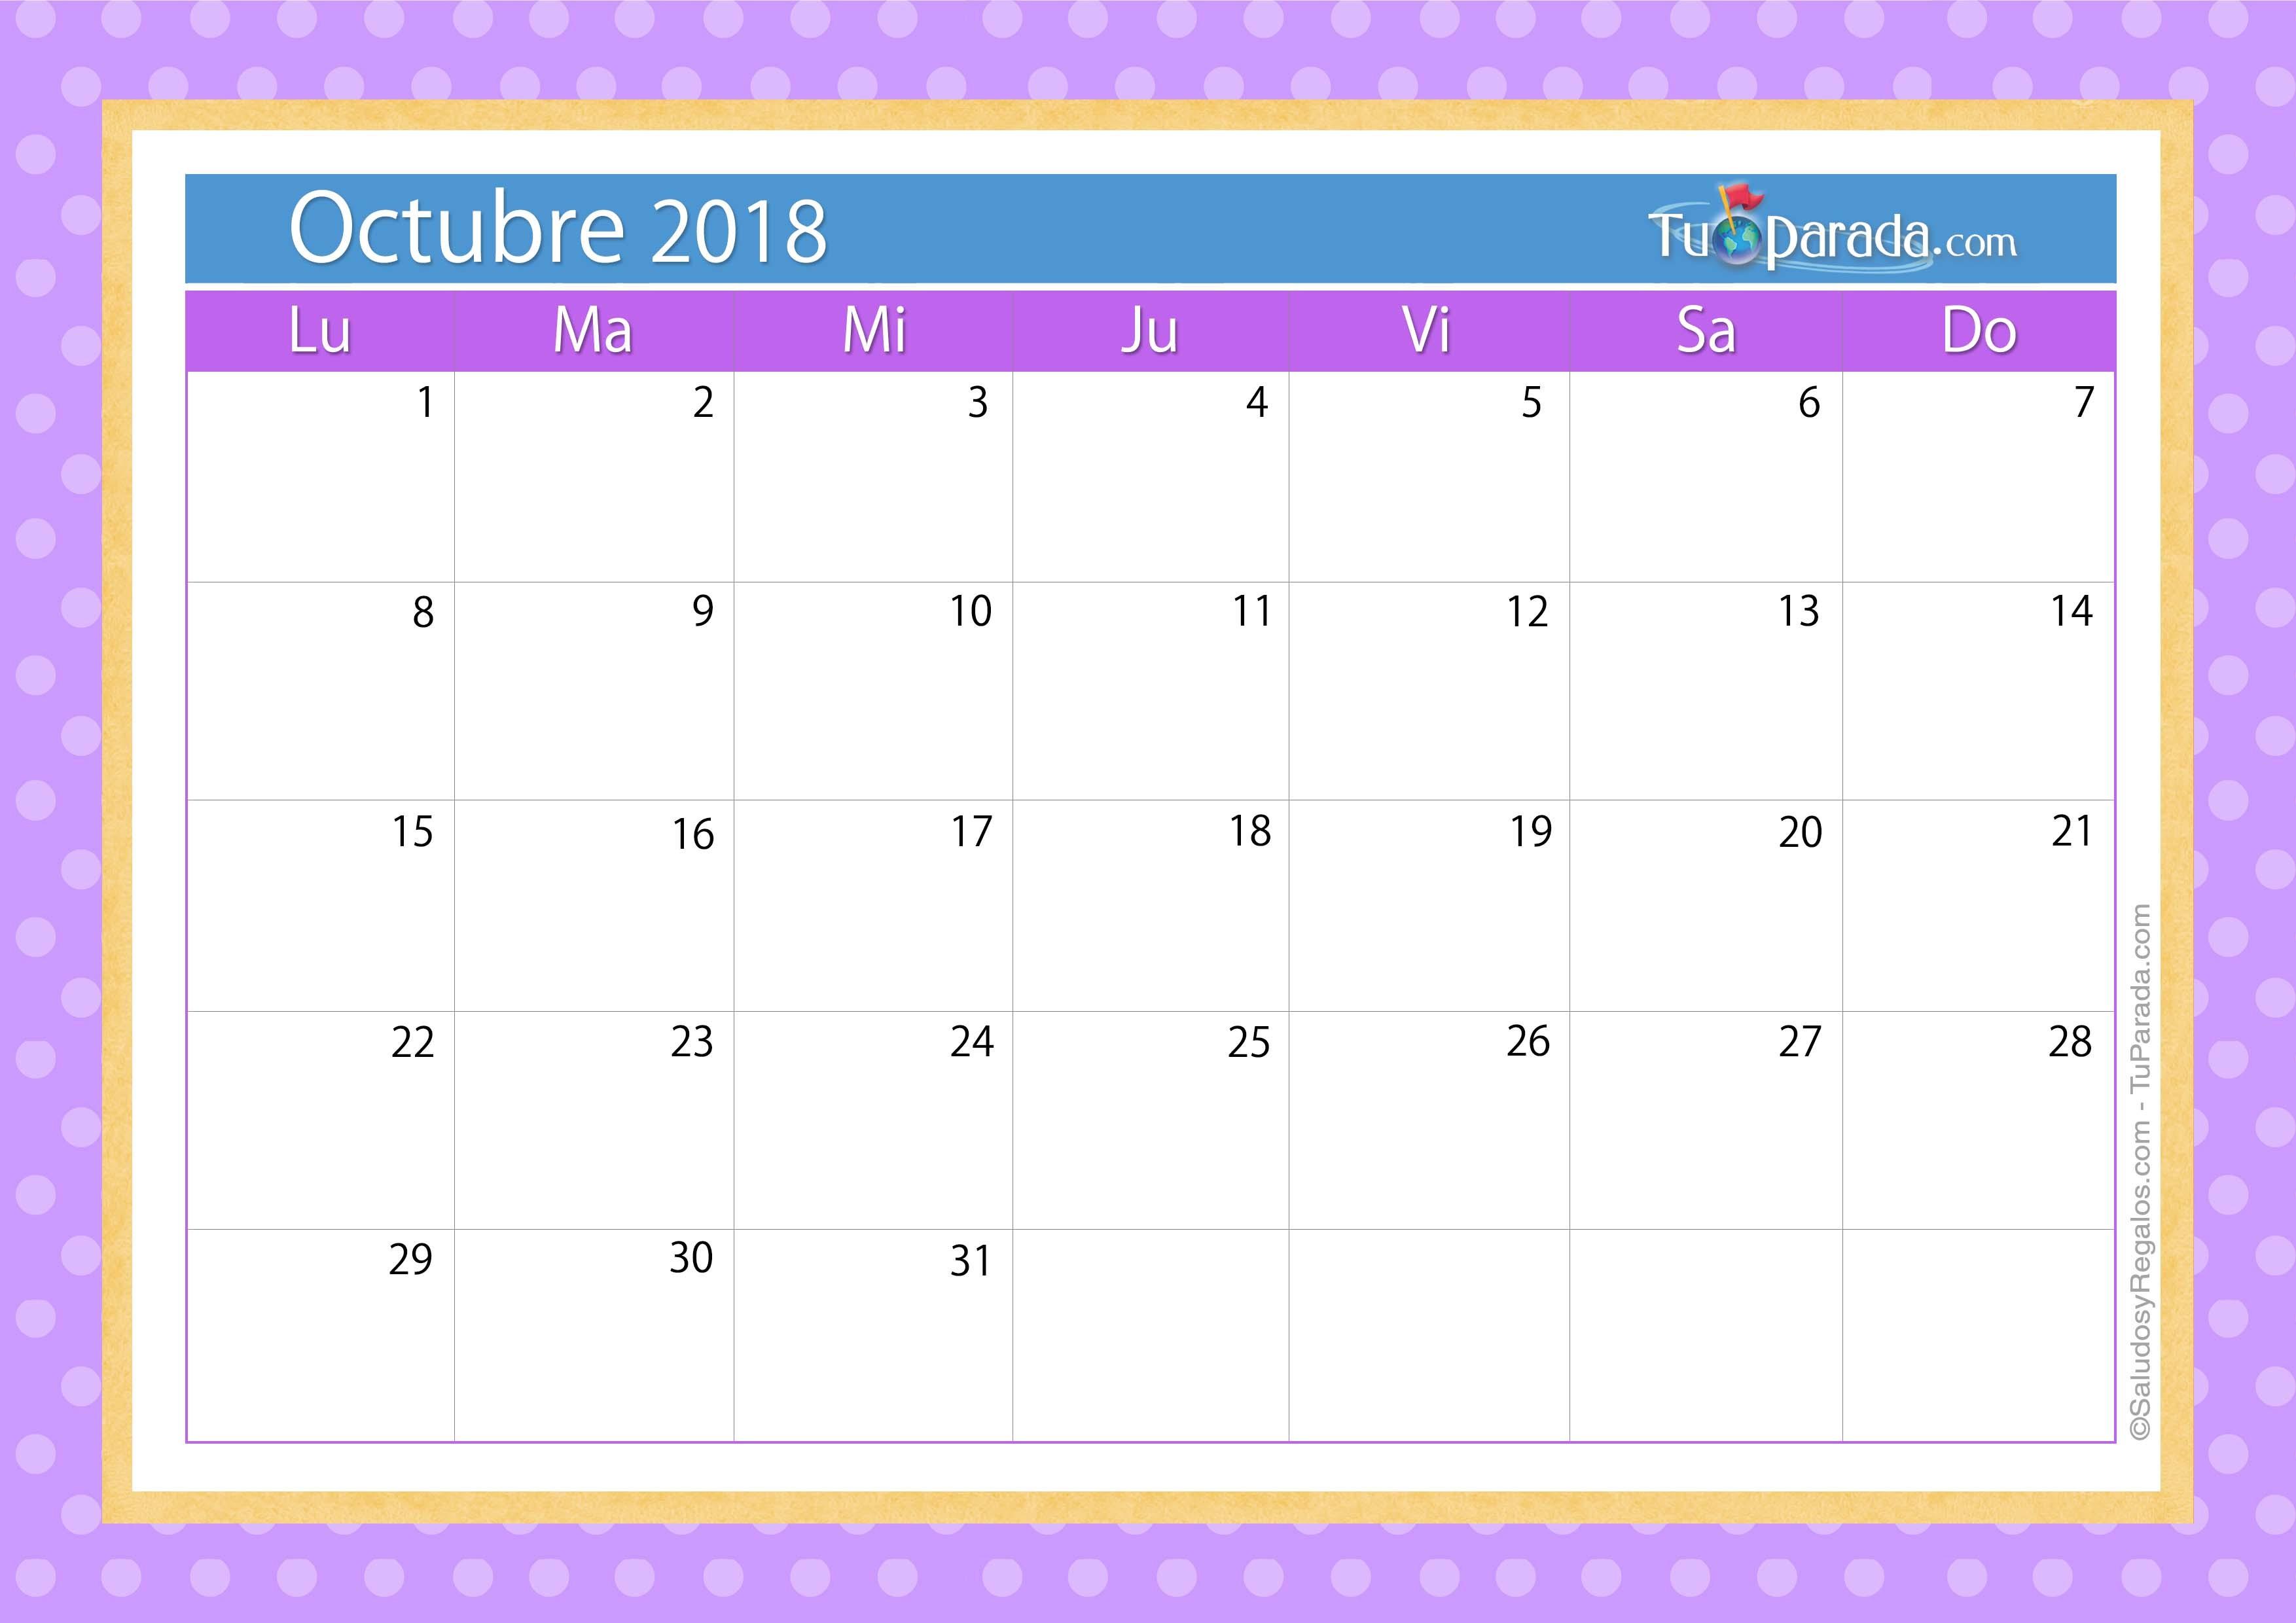 Calendario 2019 Colombia Con Festivos Vector Más Recientes Imagenes De Calendario Mes De Octubre 2018 A Mes De Of Calendario 2019 Colombia Con Festivos Vector Más Arriba-a-fecha Fueron Algunos De